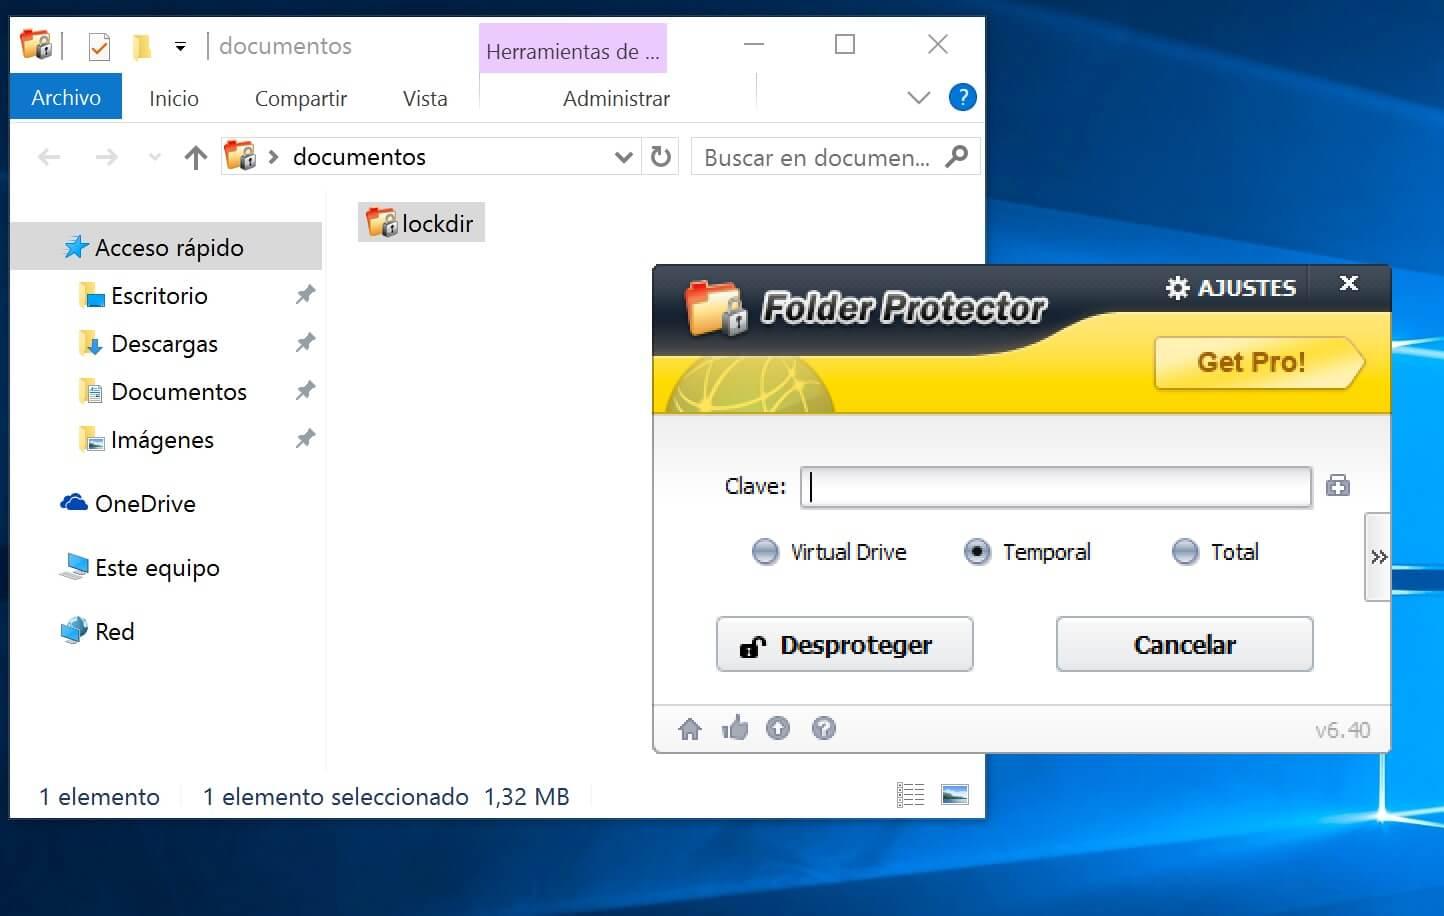 Como Poner Una Contrasena A Una Carpeta En Windows Xp - Desbloquearcarpeta